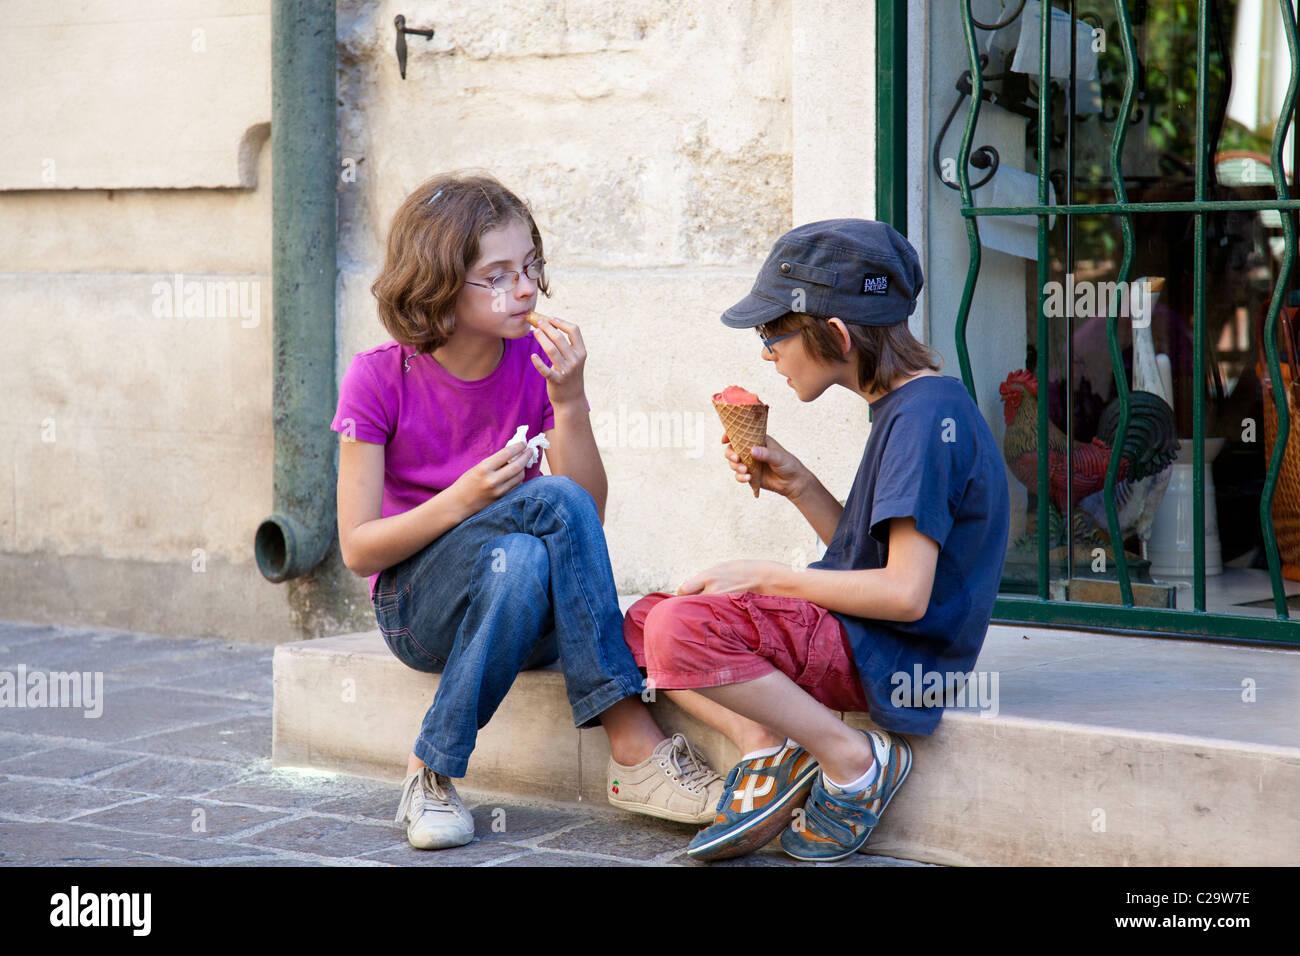 Los niños disfrutan de sus dos helados mientras estábamos sentados en algunos pasos de fabricación Imagen De Stock